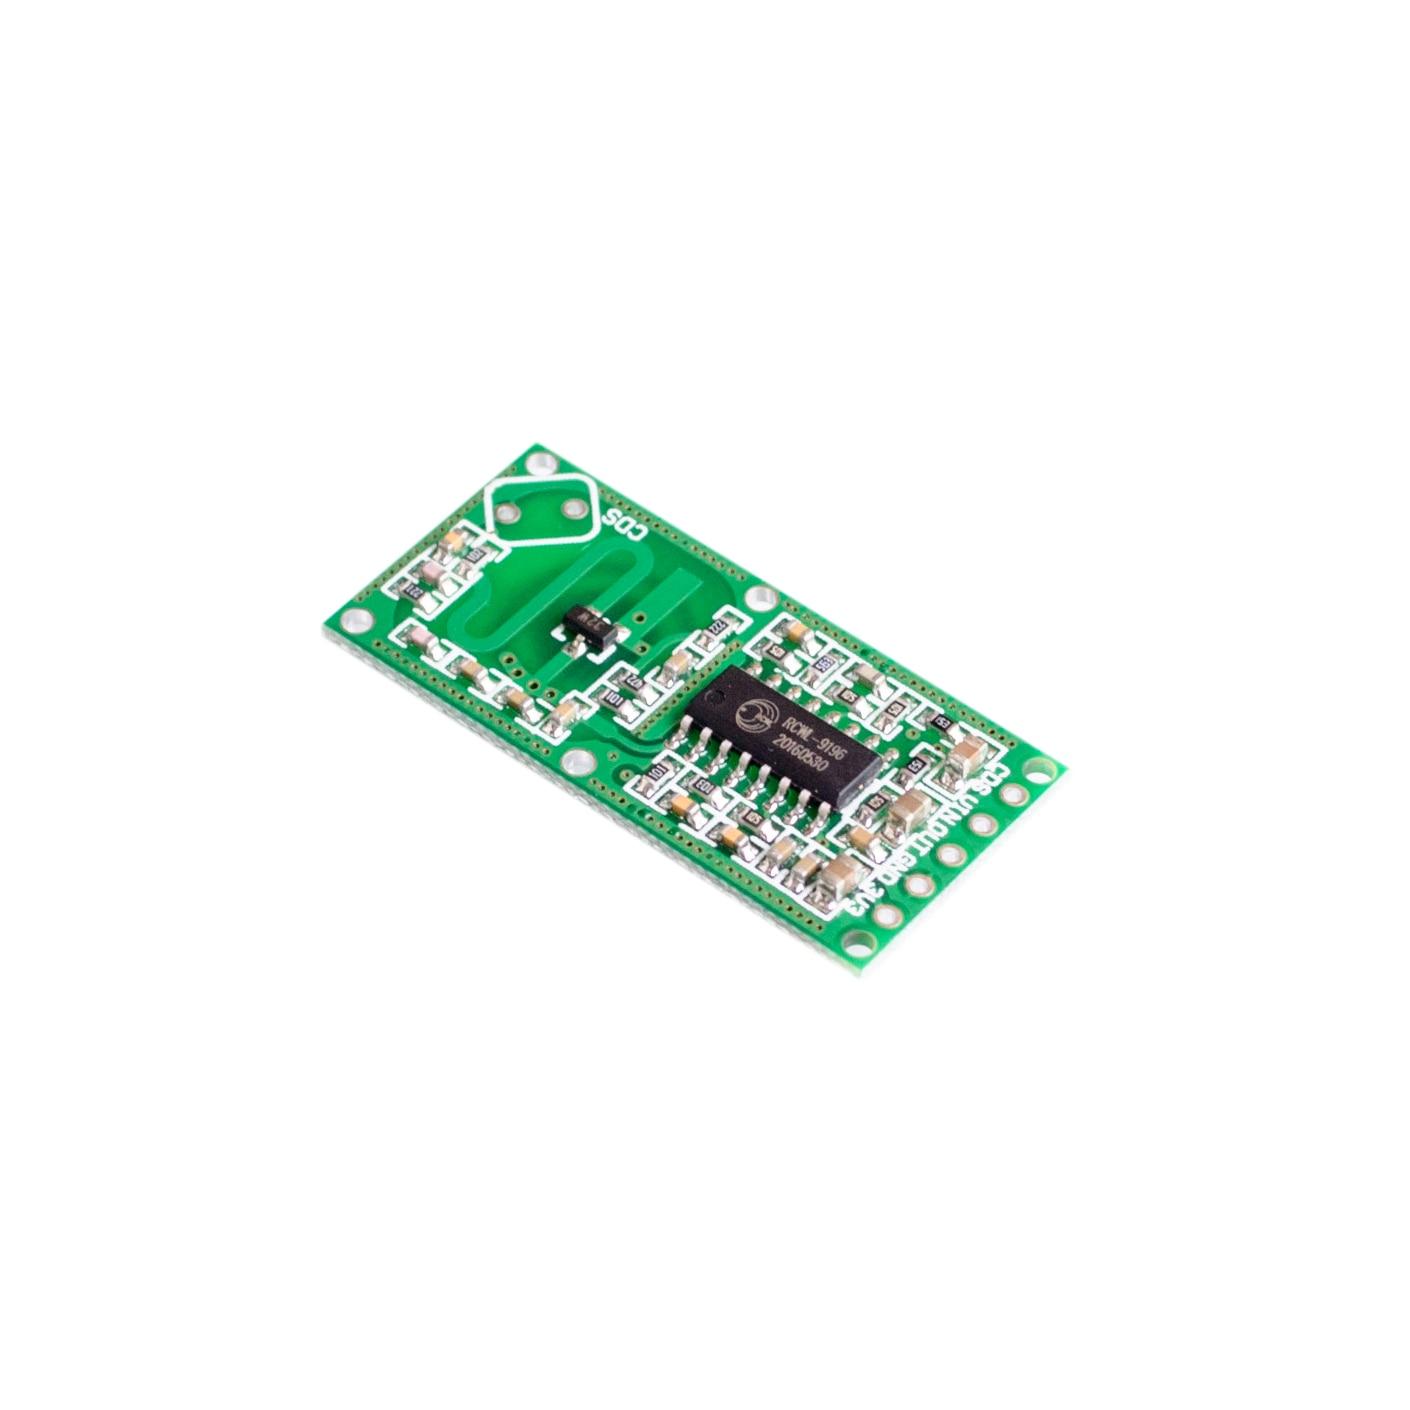 Capteur Intelligent de module de commutateur dinduction de corps humain de module de capteur radar à micro ondes de 50pcs RCWL 0516-in Circuits intégrés from Composants électroniques et fournitures on AliExpress